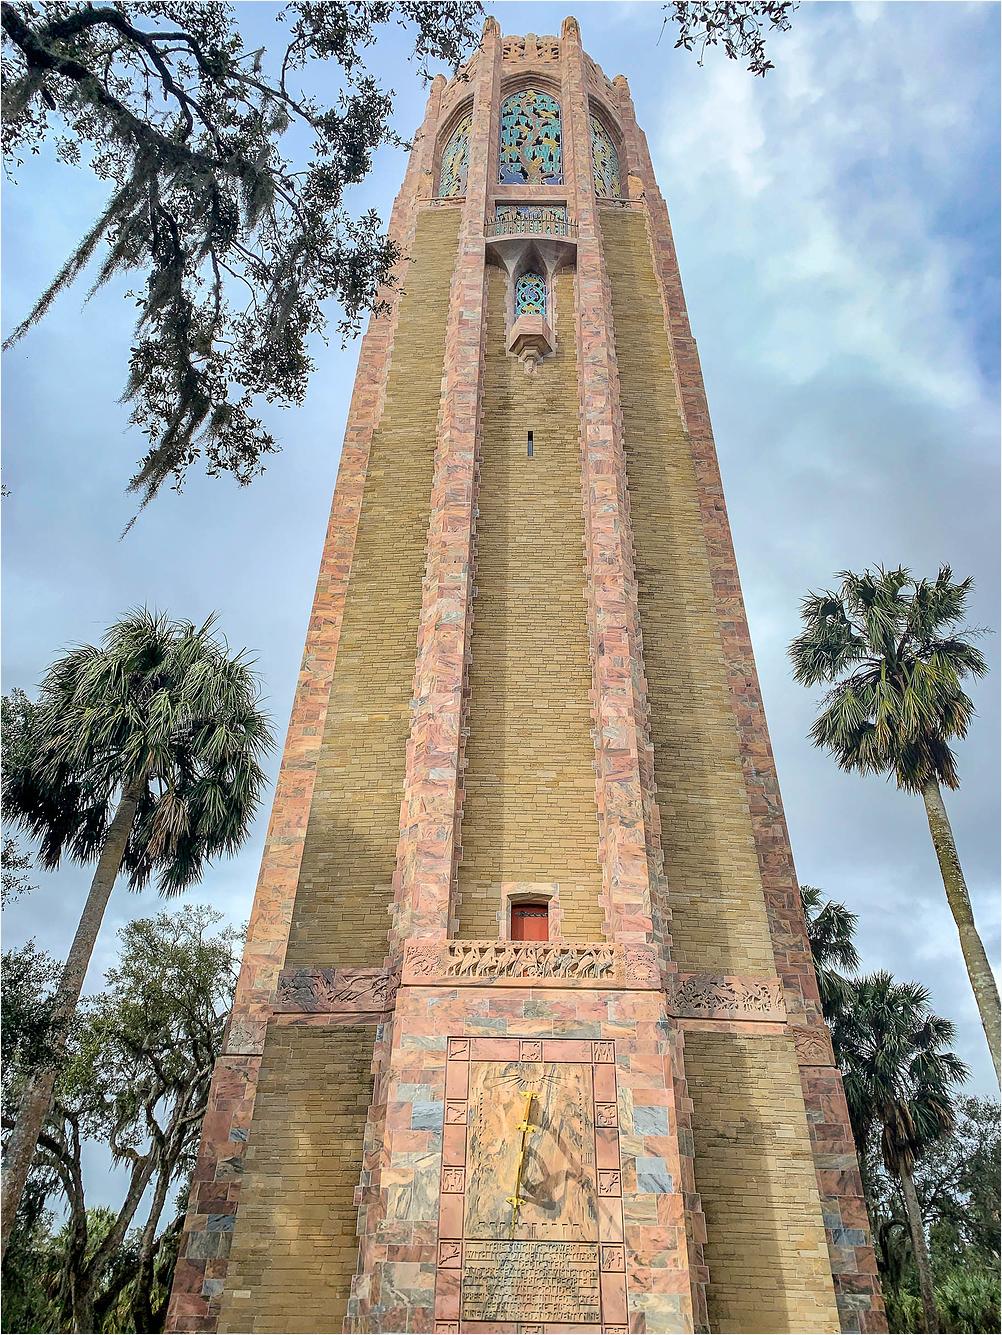 Book Tower and Garden. Central Florida